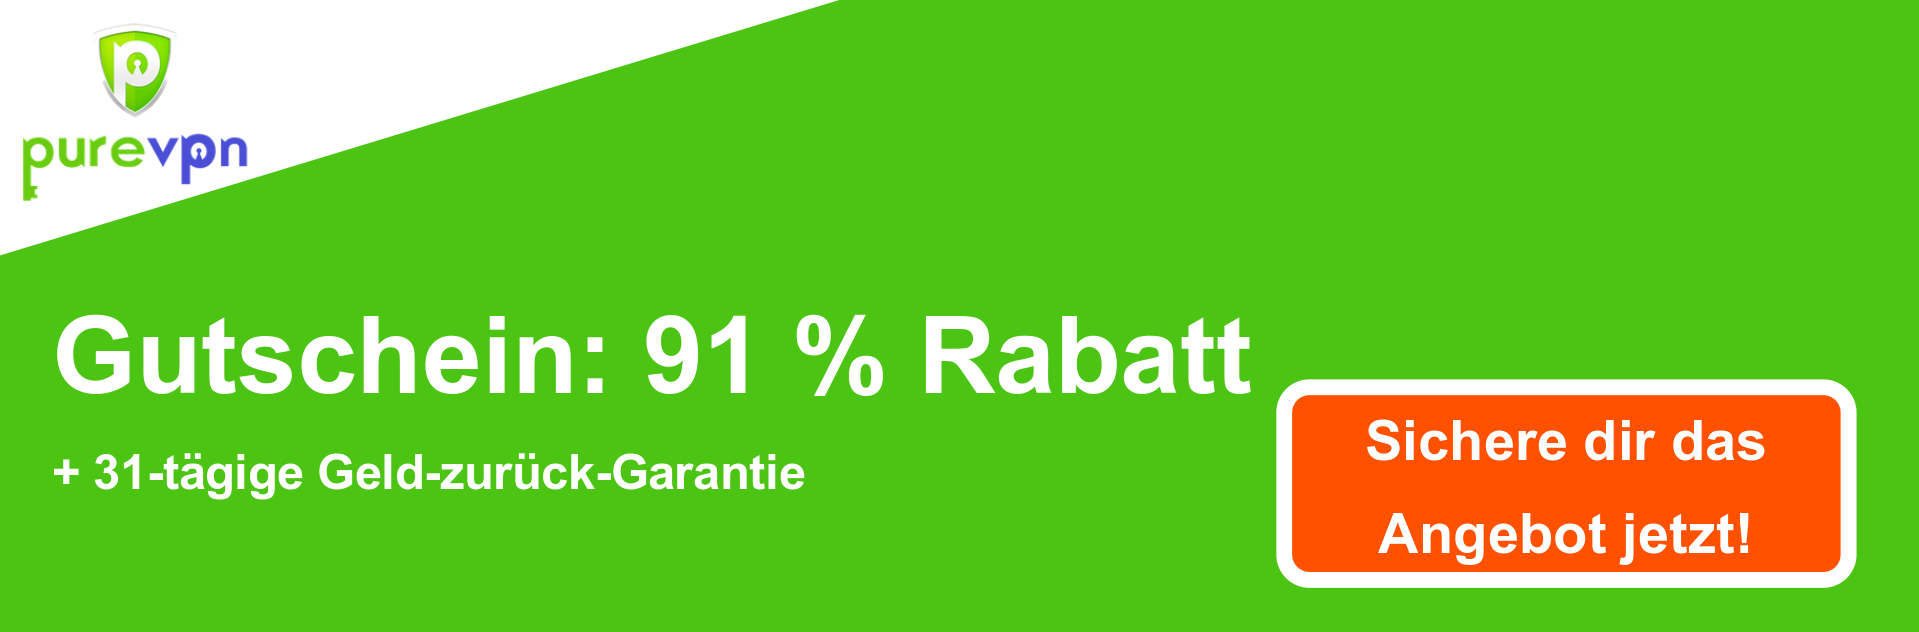 PureVPN Coupon Banner - 91% Rabatt